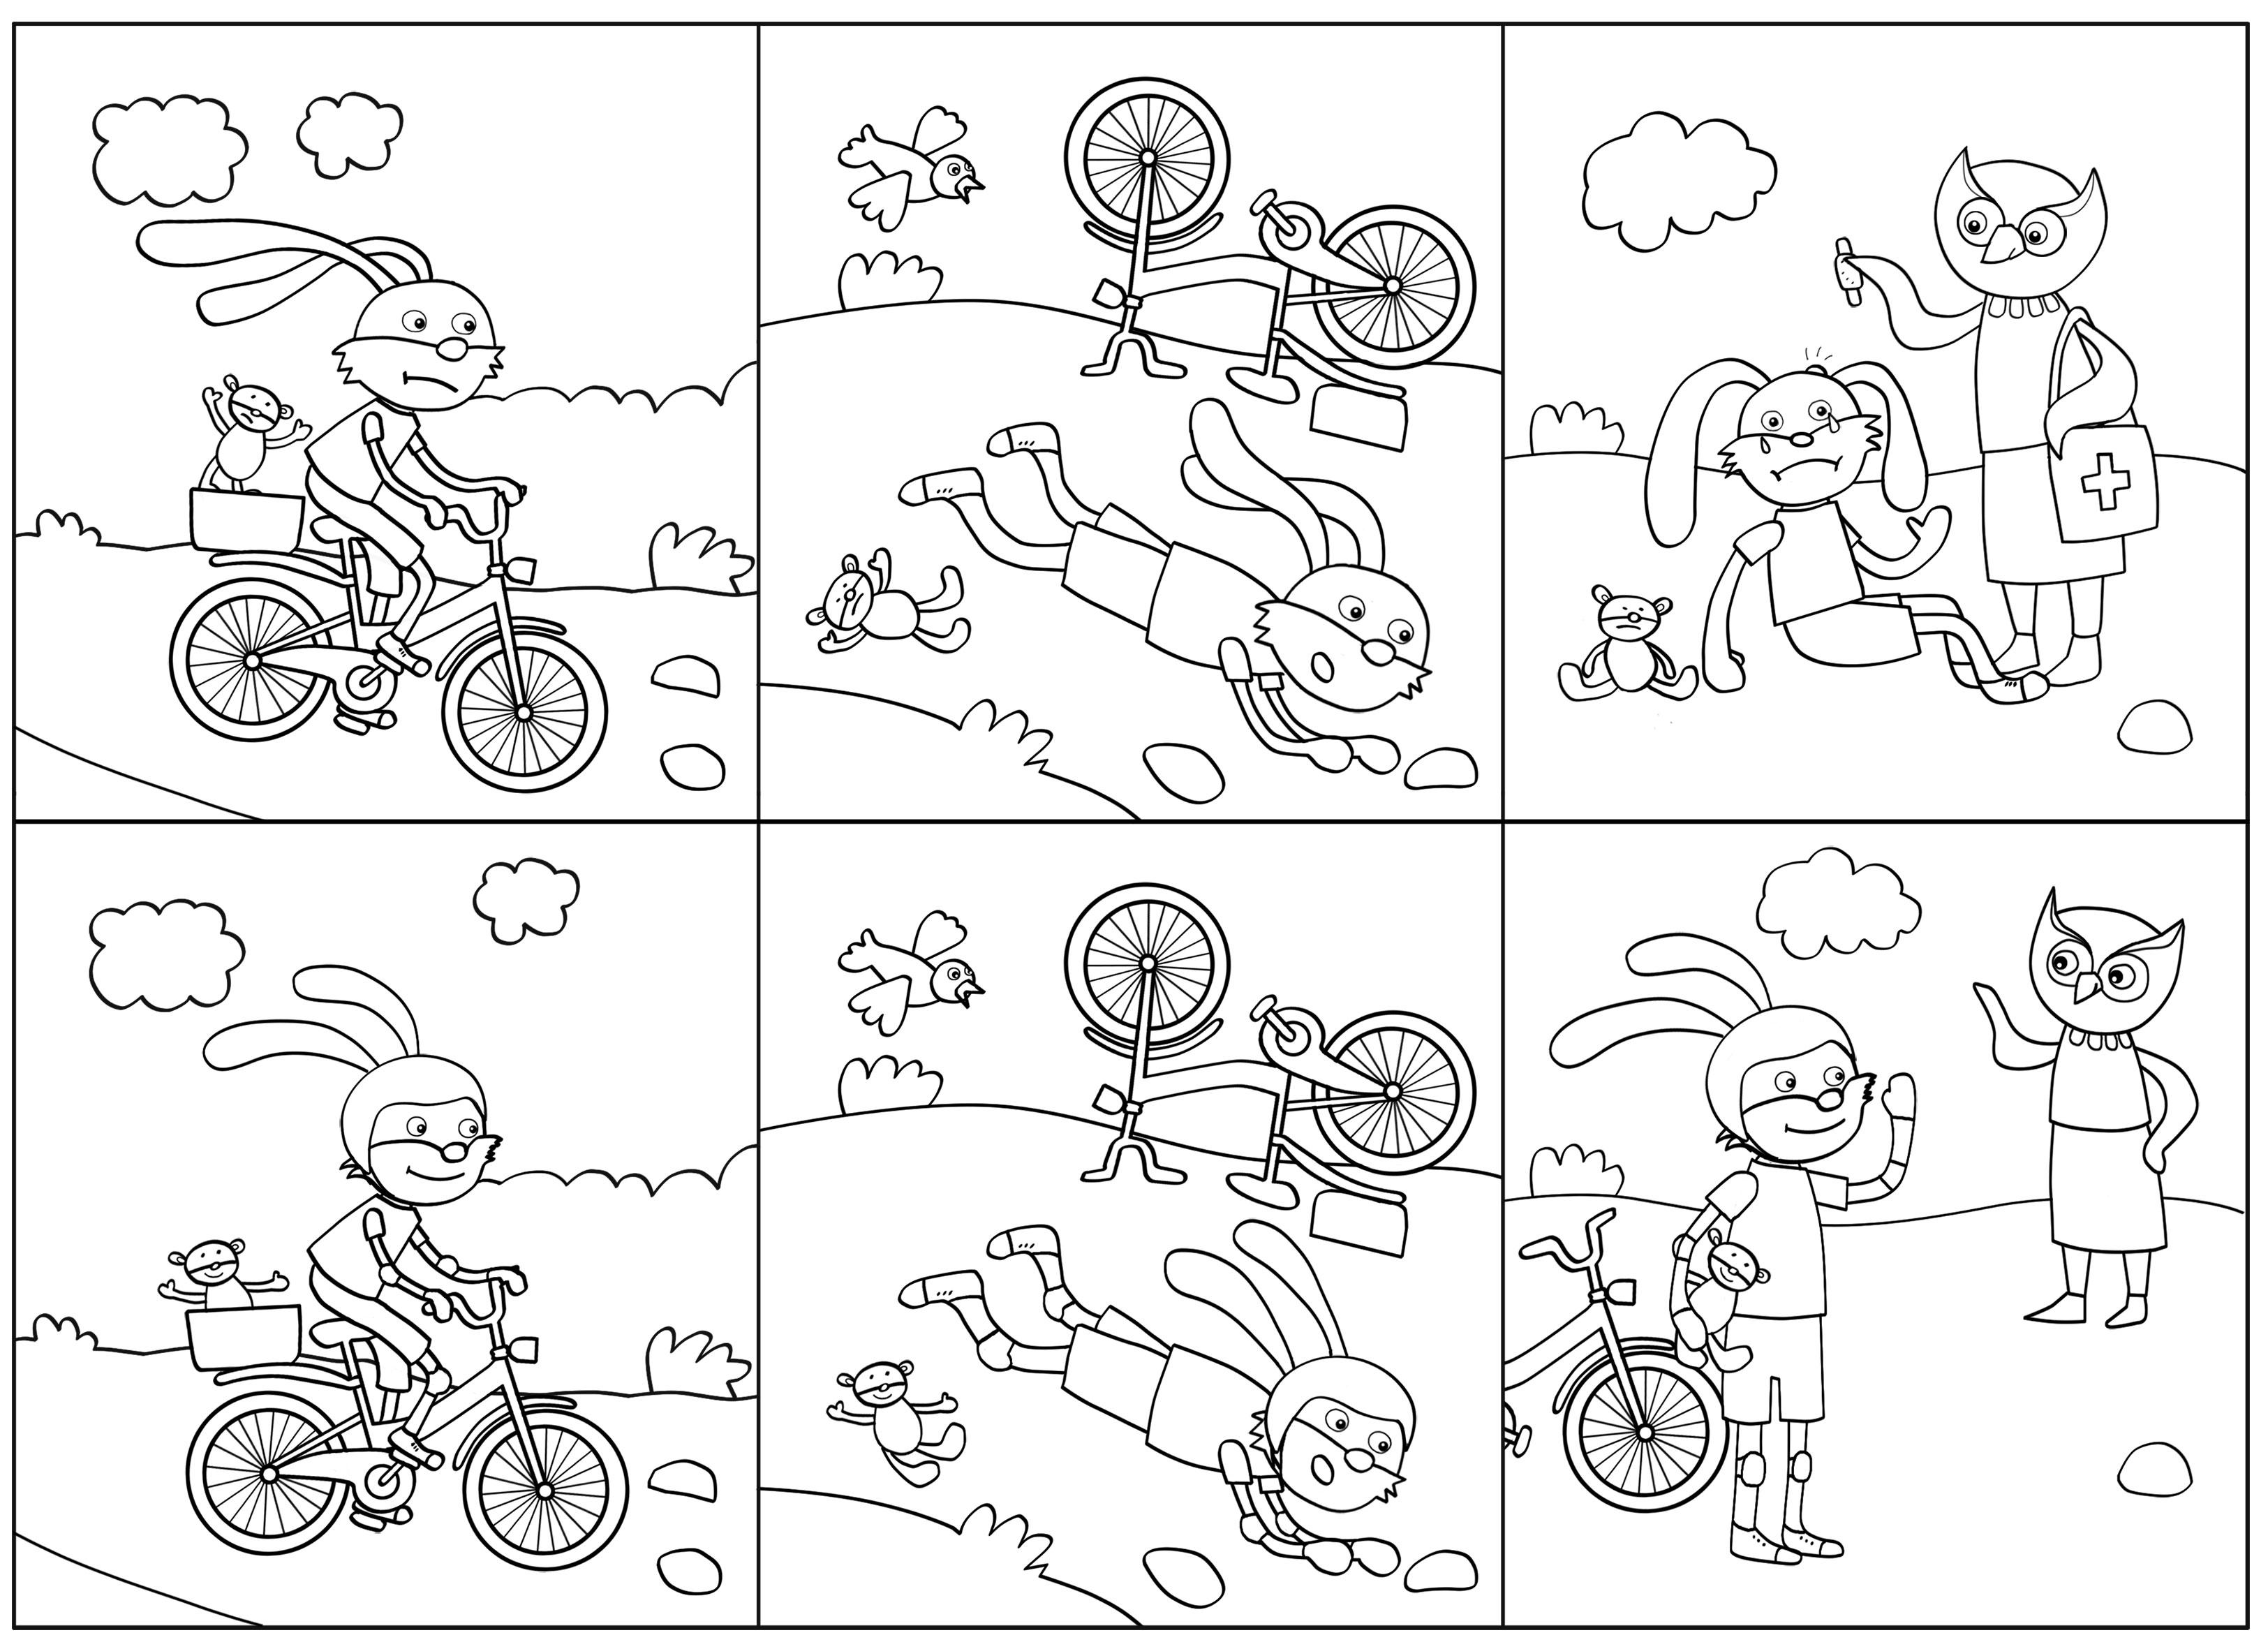 Kolorowanki Komiksy Do Druku Za Darmo Dla Dzieci I: Kolorowanki Na Dzień Dziecka